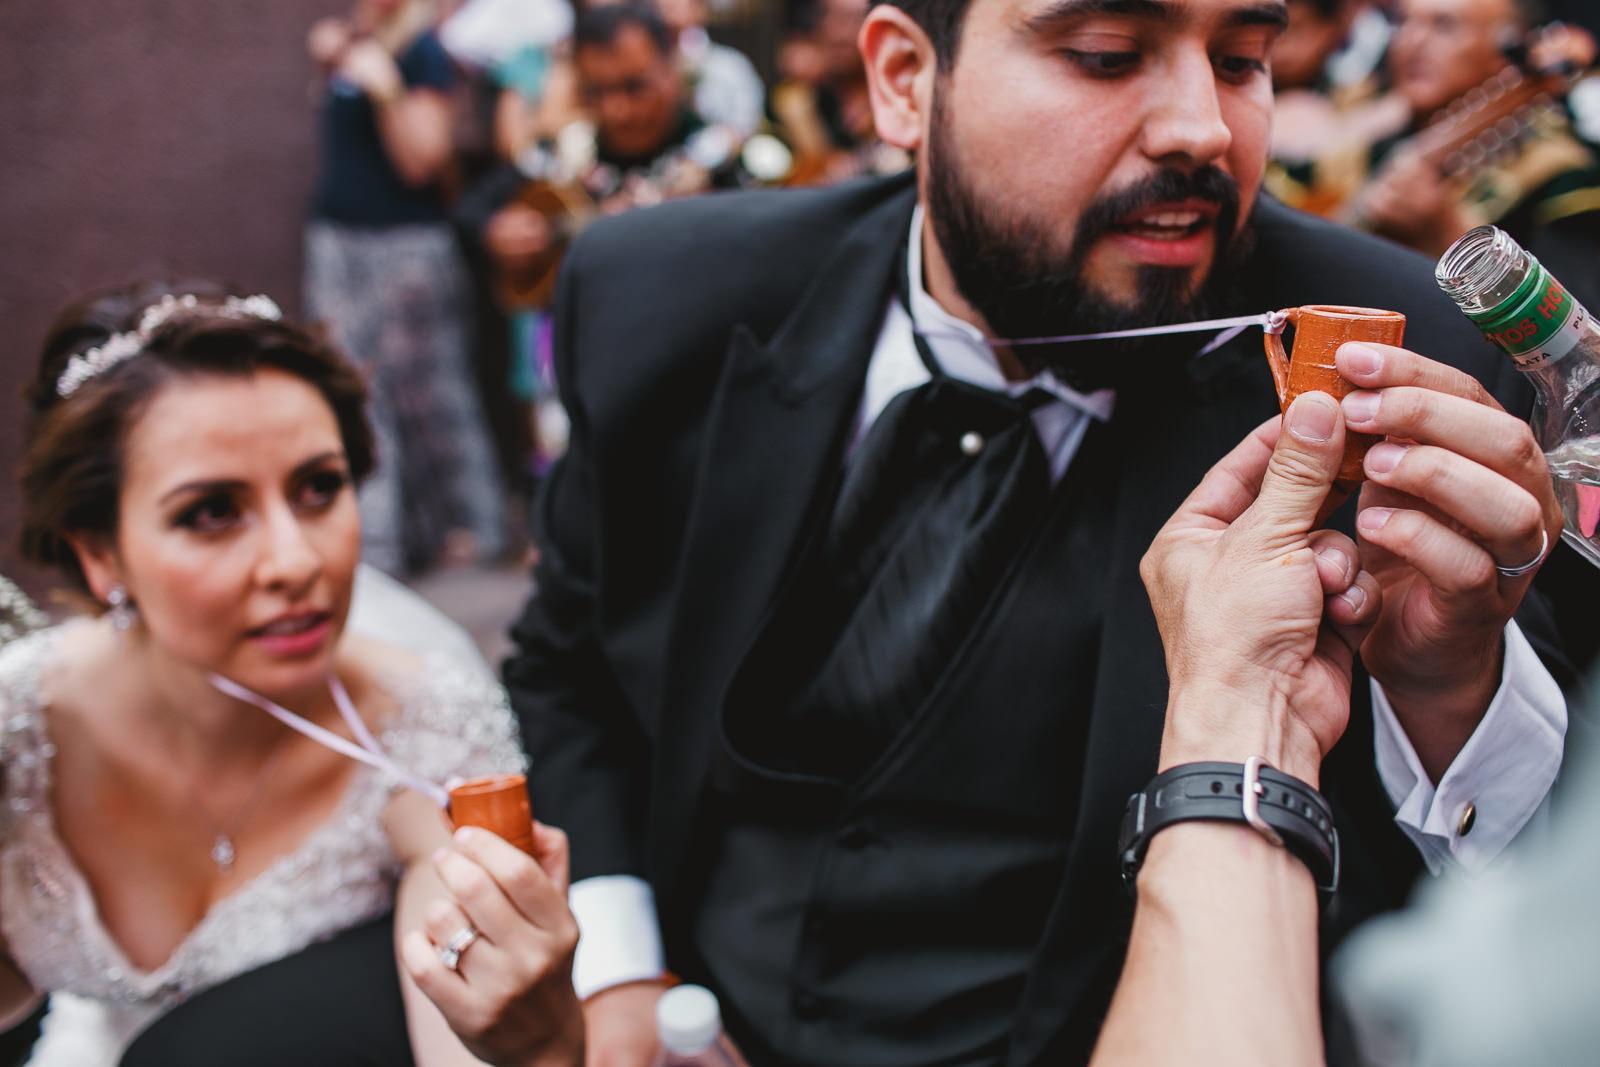 fotografo-de-bodas-san-miguel-de-allende-051